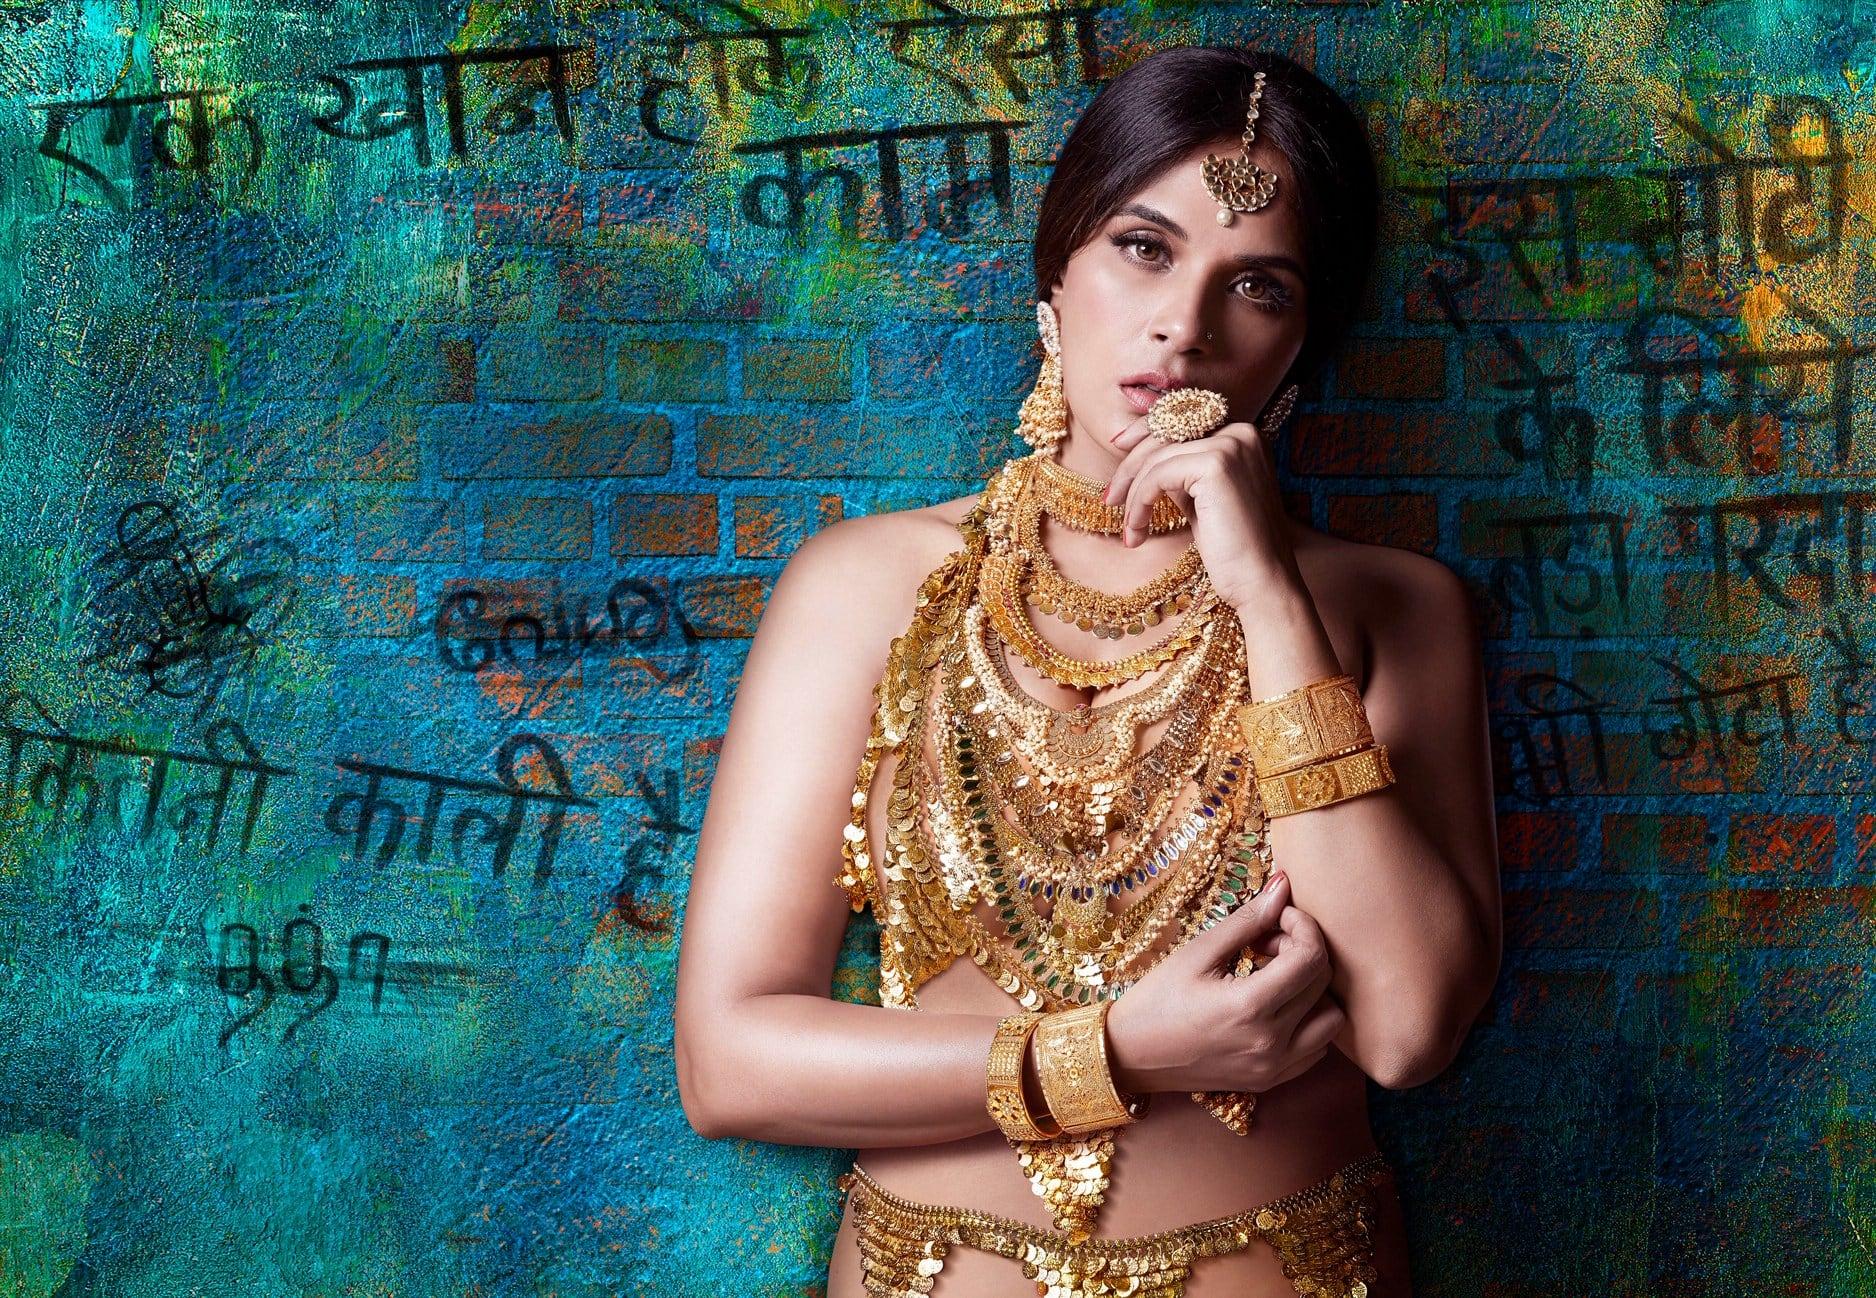 सिल्क स्मिता से प्रेरित है ऋचा चड्ढा की फिल्म 'शकीला' का पहला लुक !